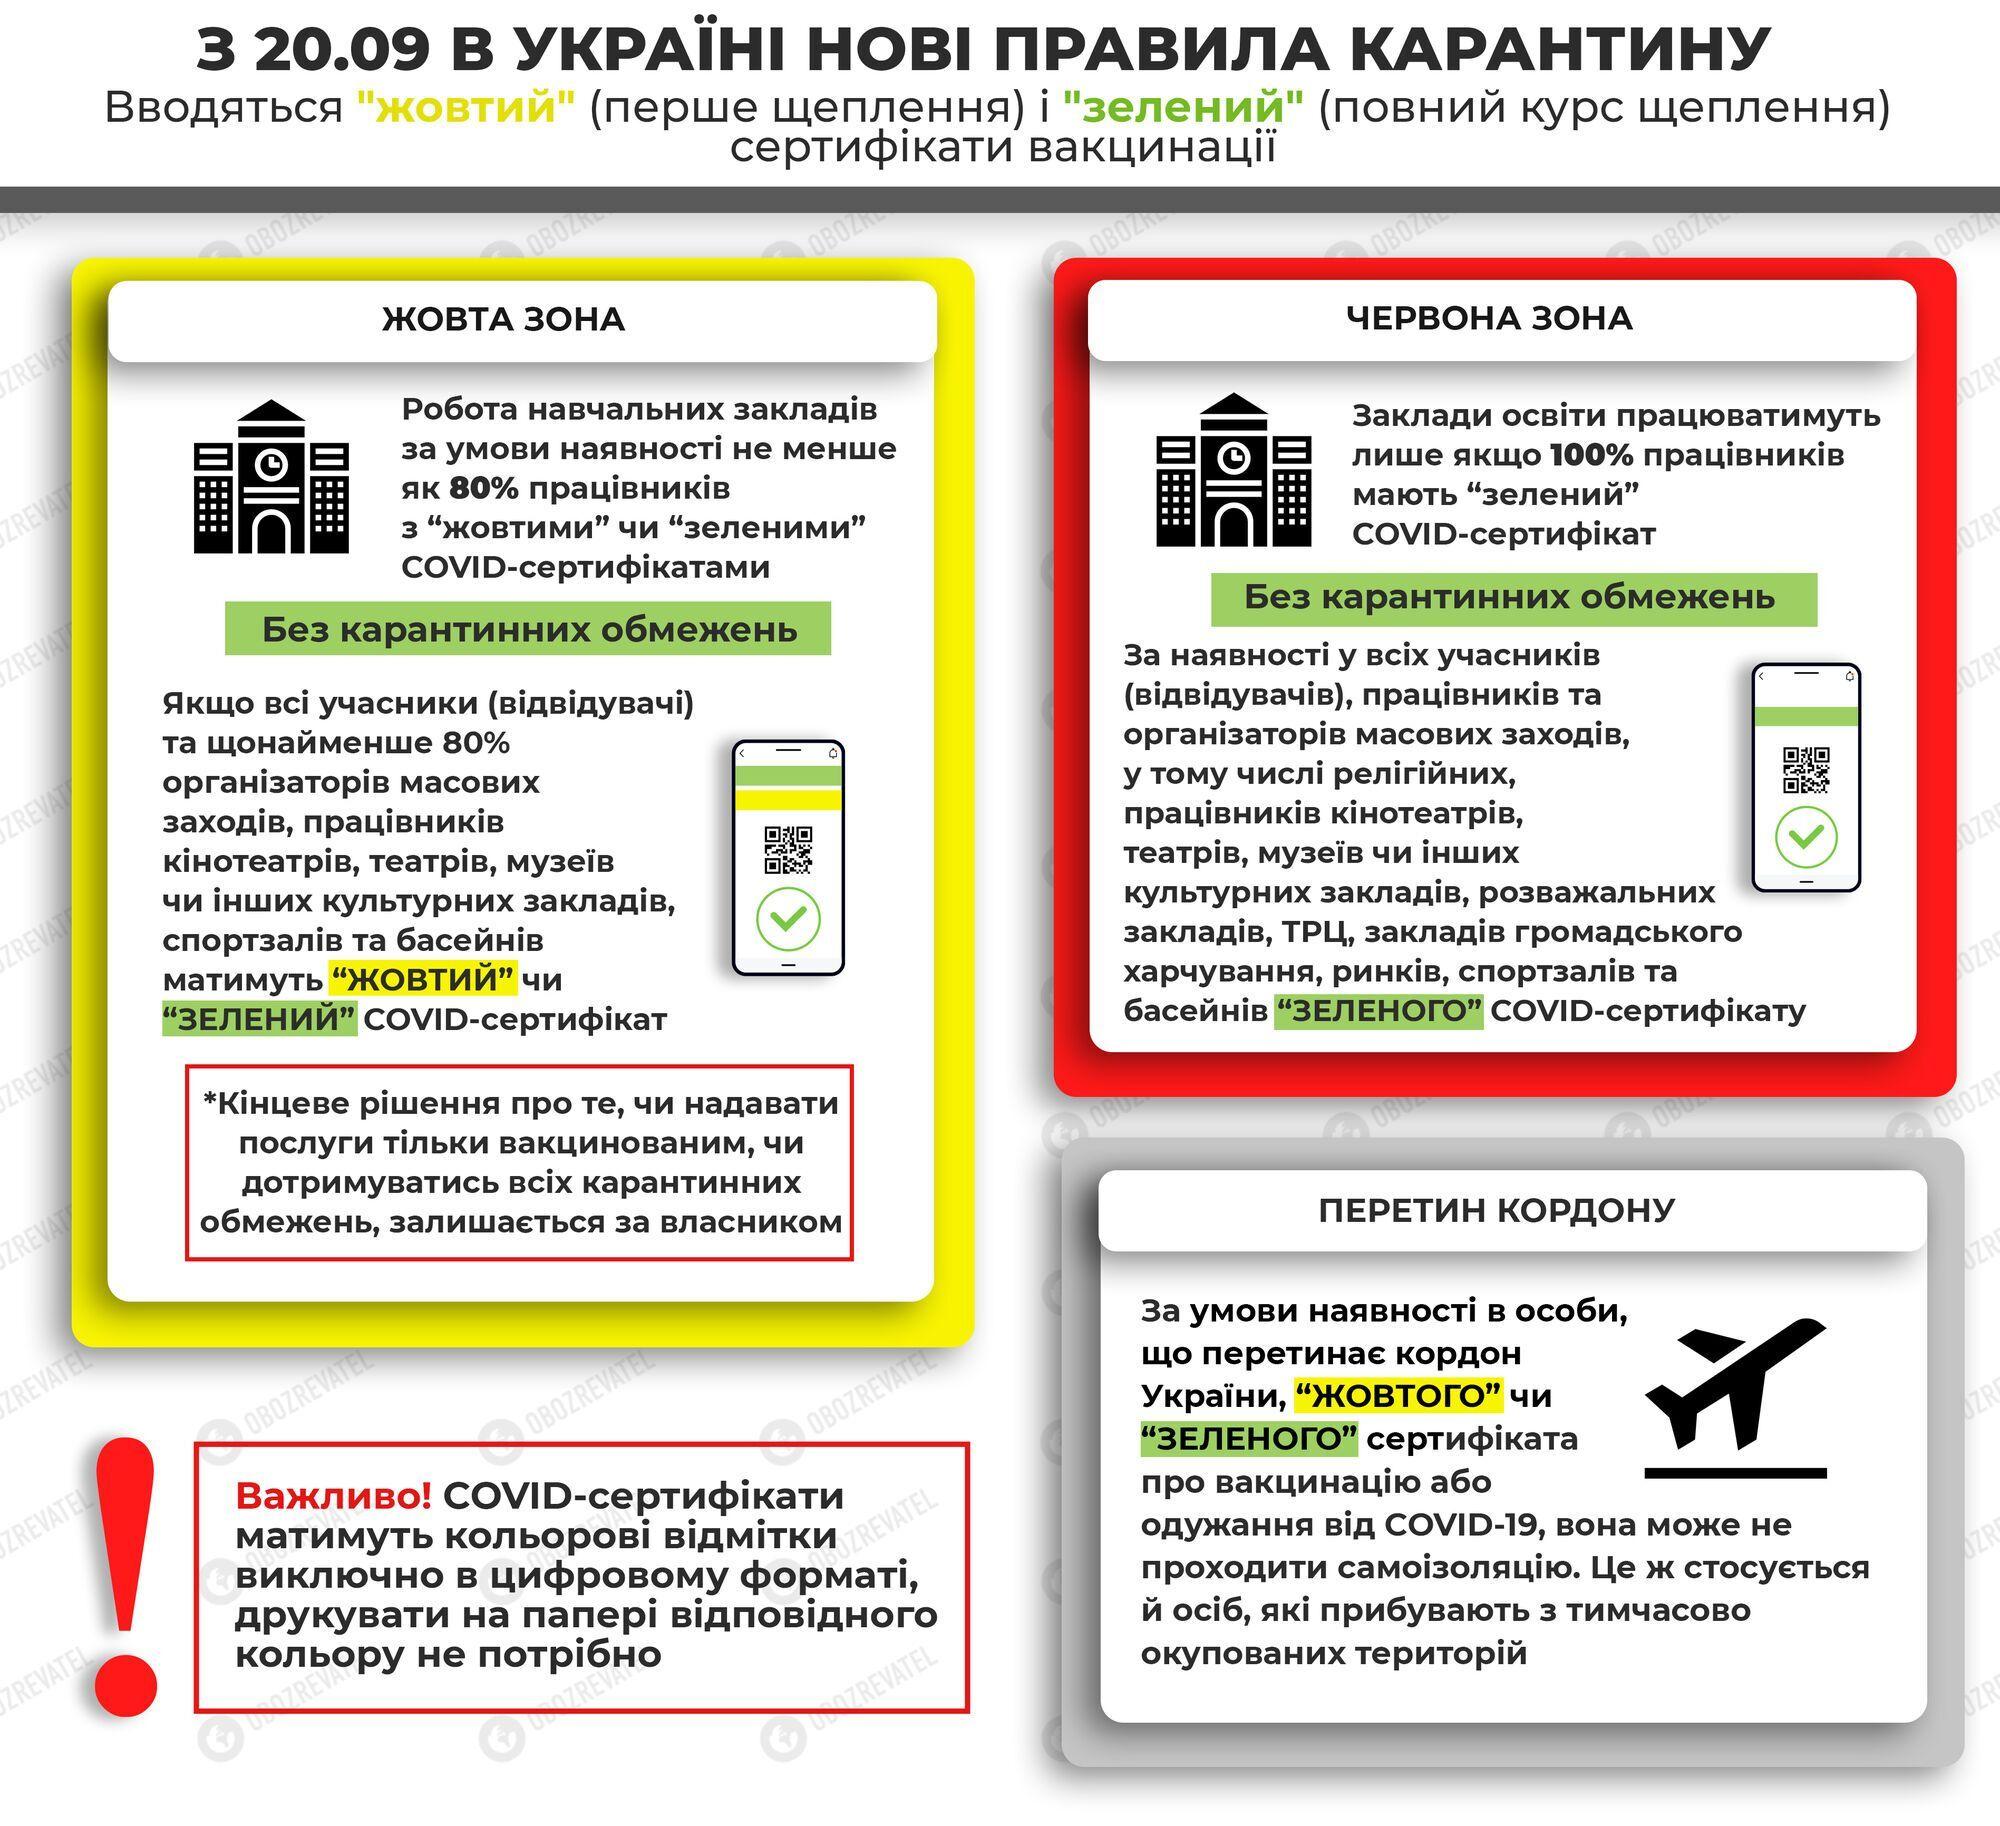 Нові карантинні правила в Україні.